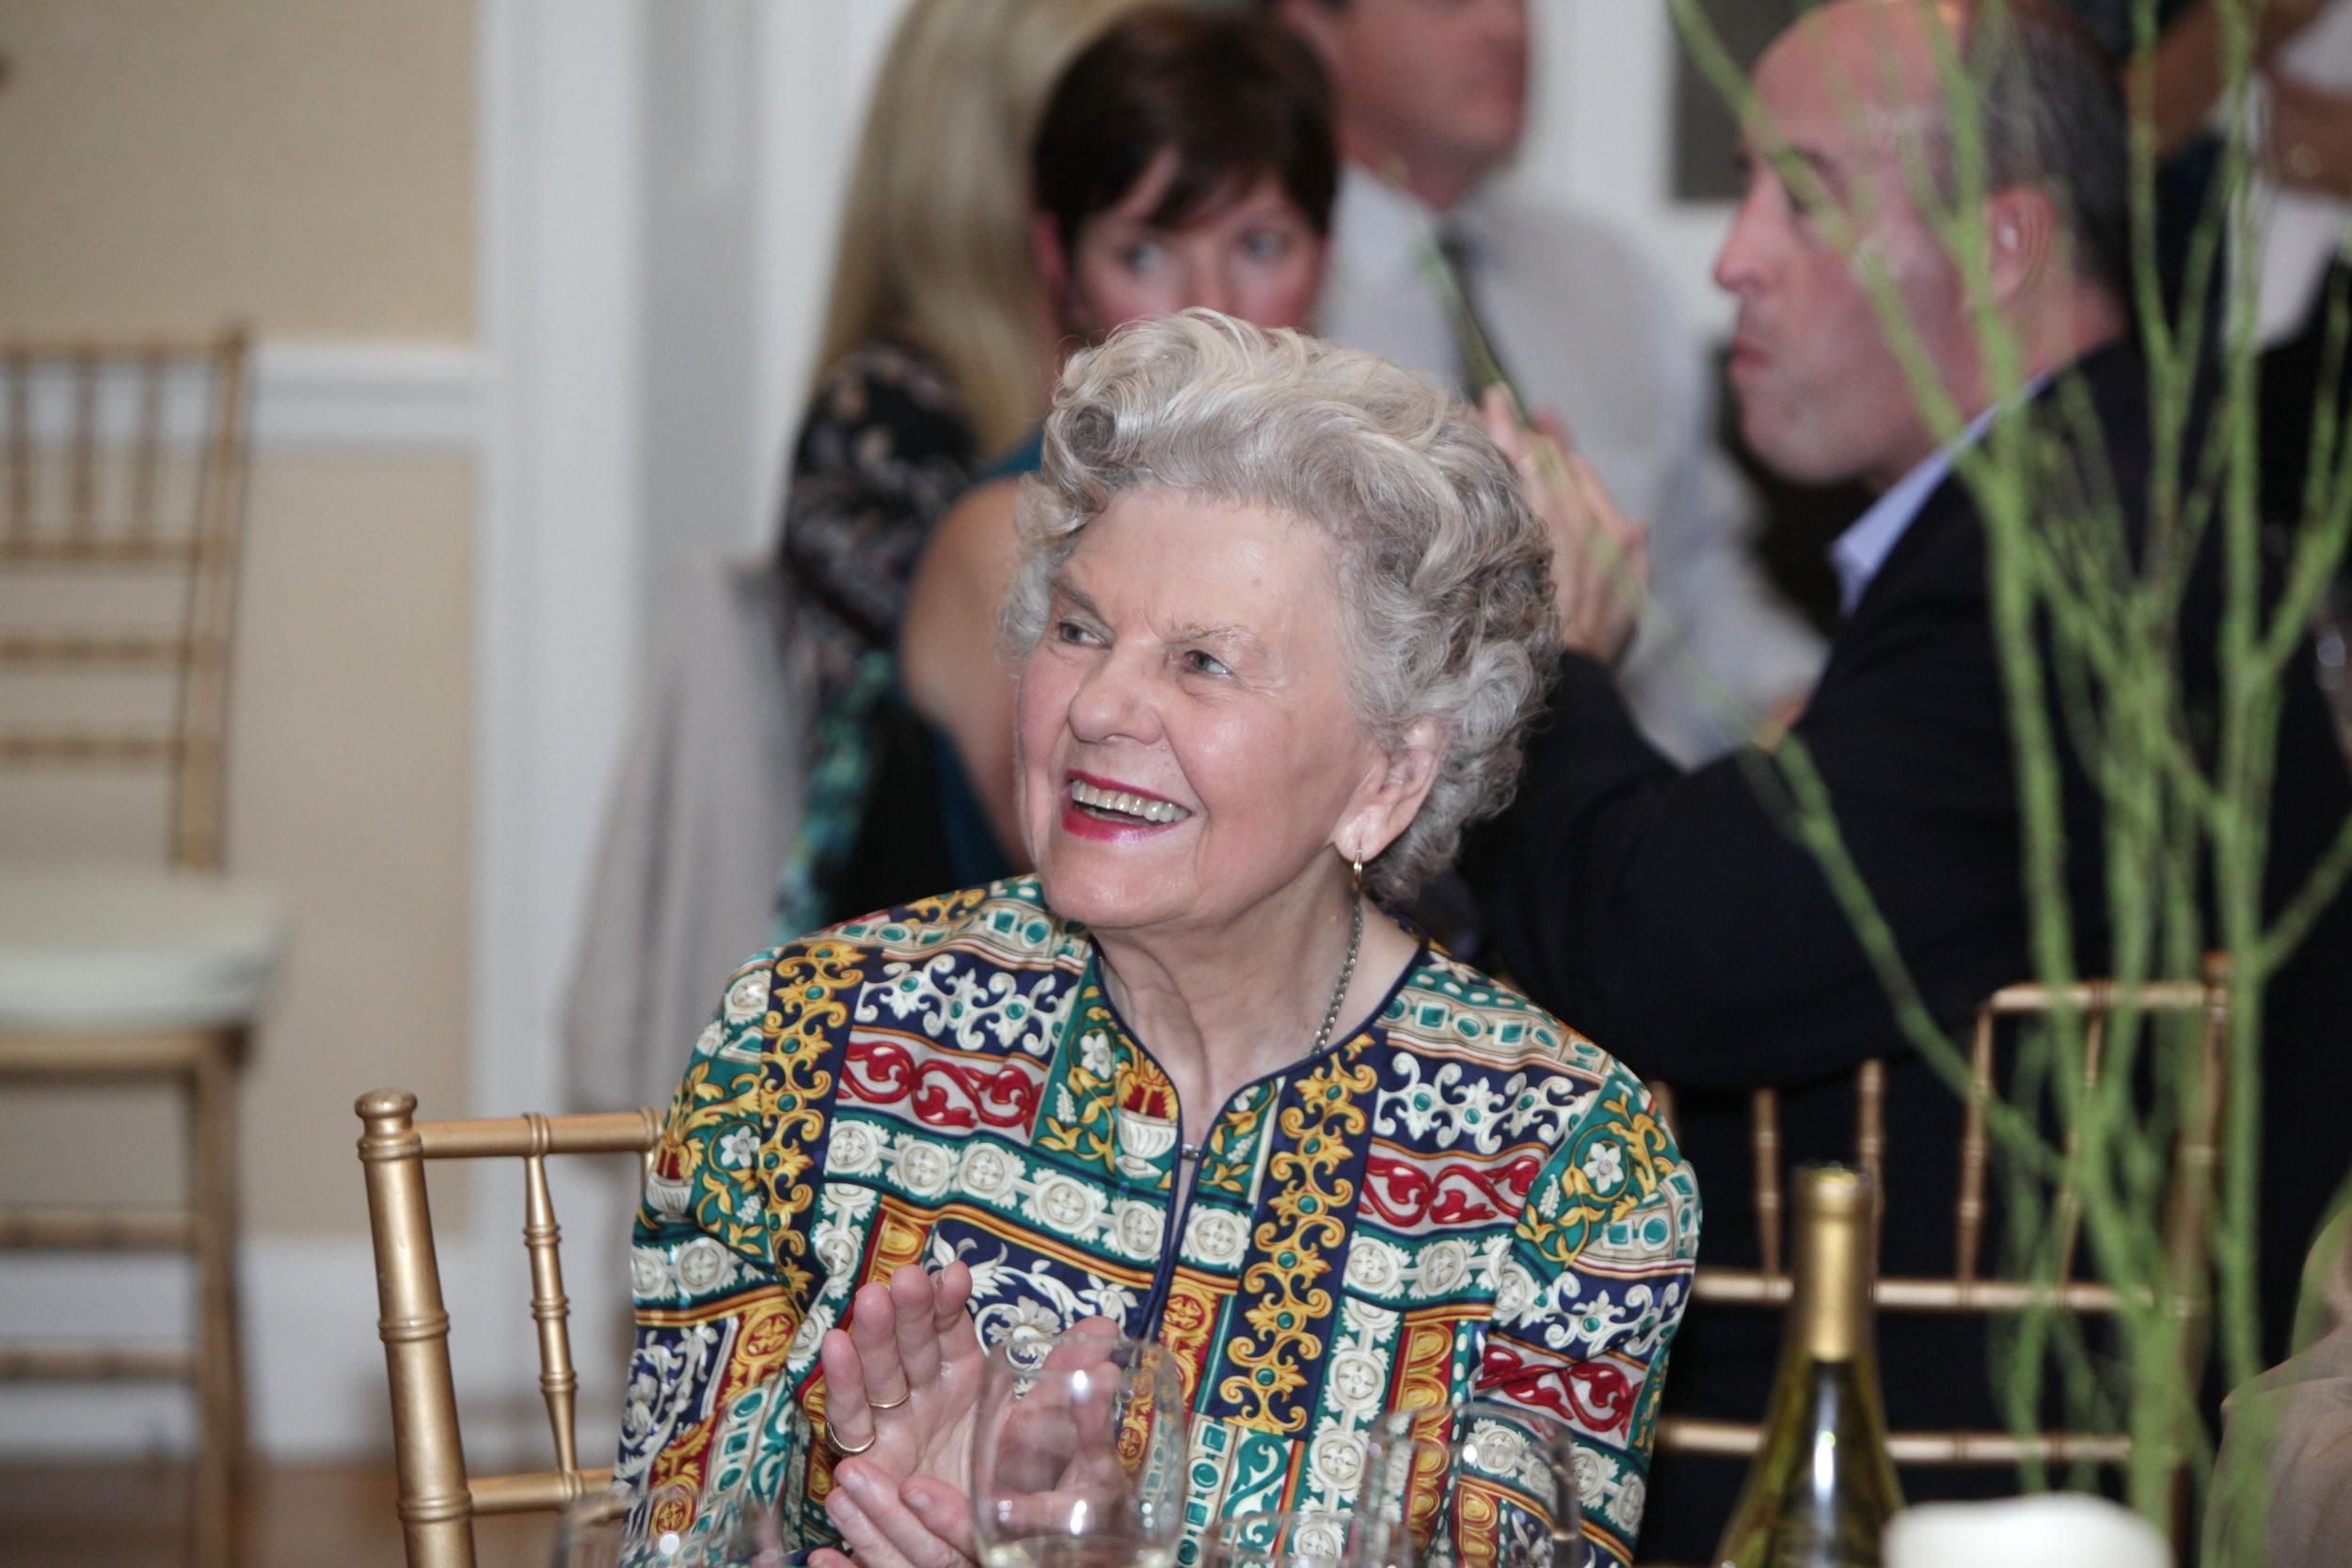 Joanne Holbrook Patton